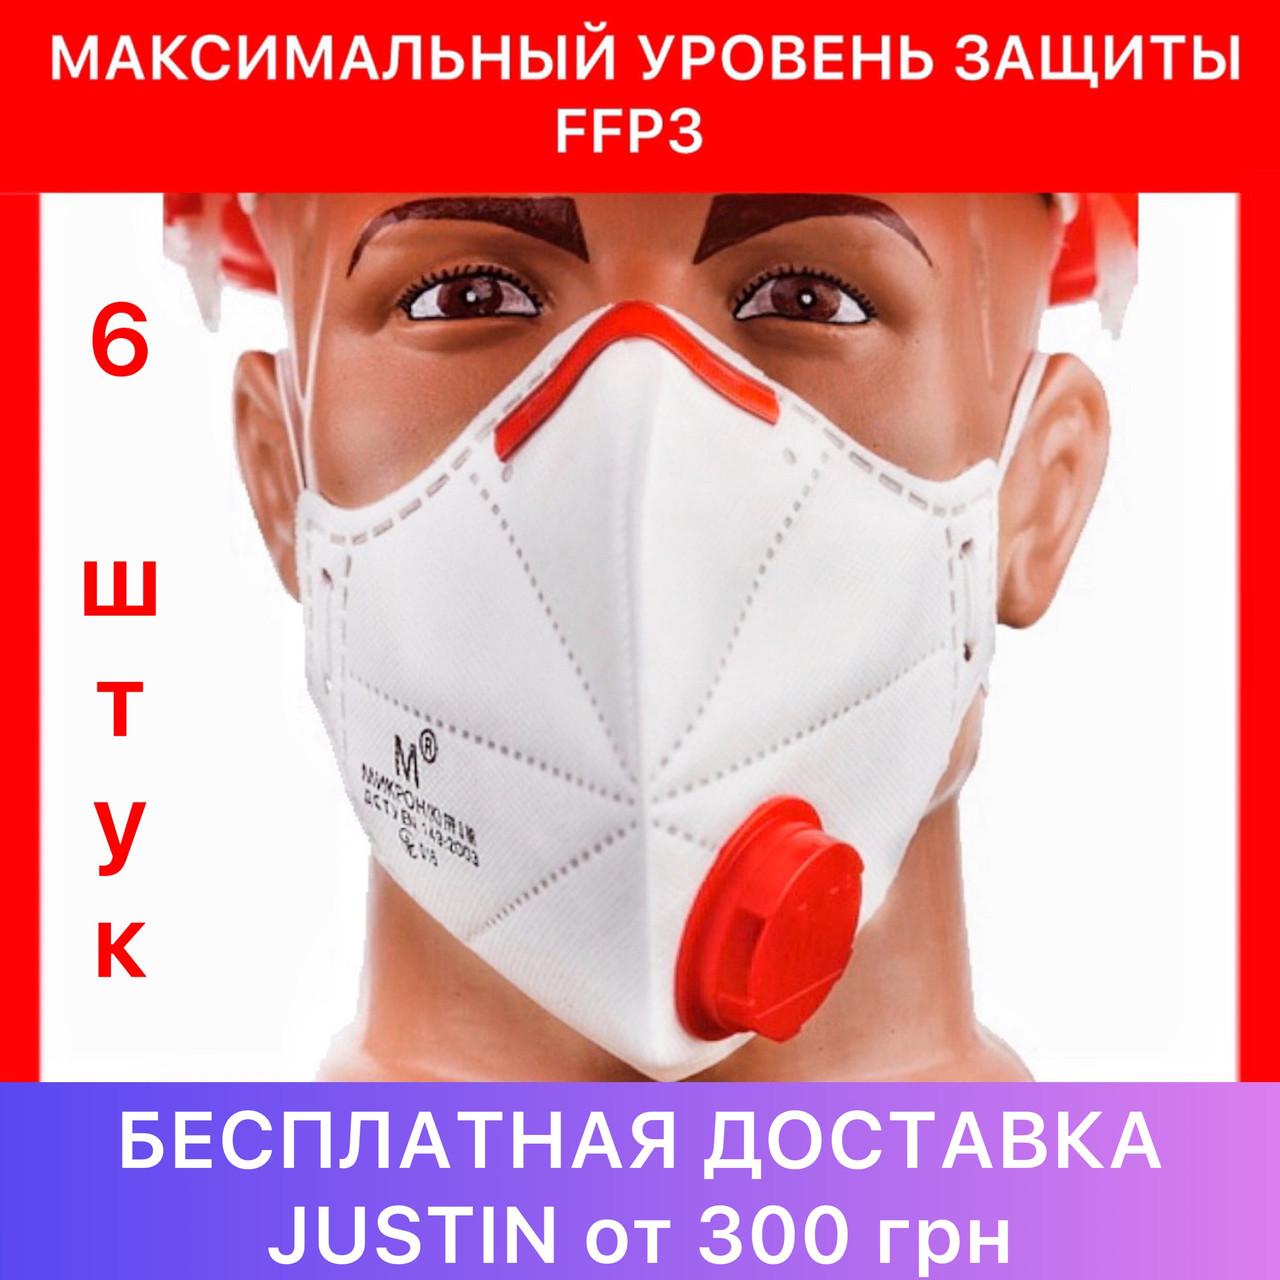 Респіратор FFP3 з клапаном видиху для медиків Мікрон ФФП3, захисна маска від вірусу на обличчя *6 штук*